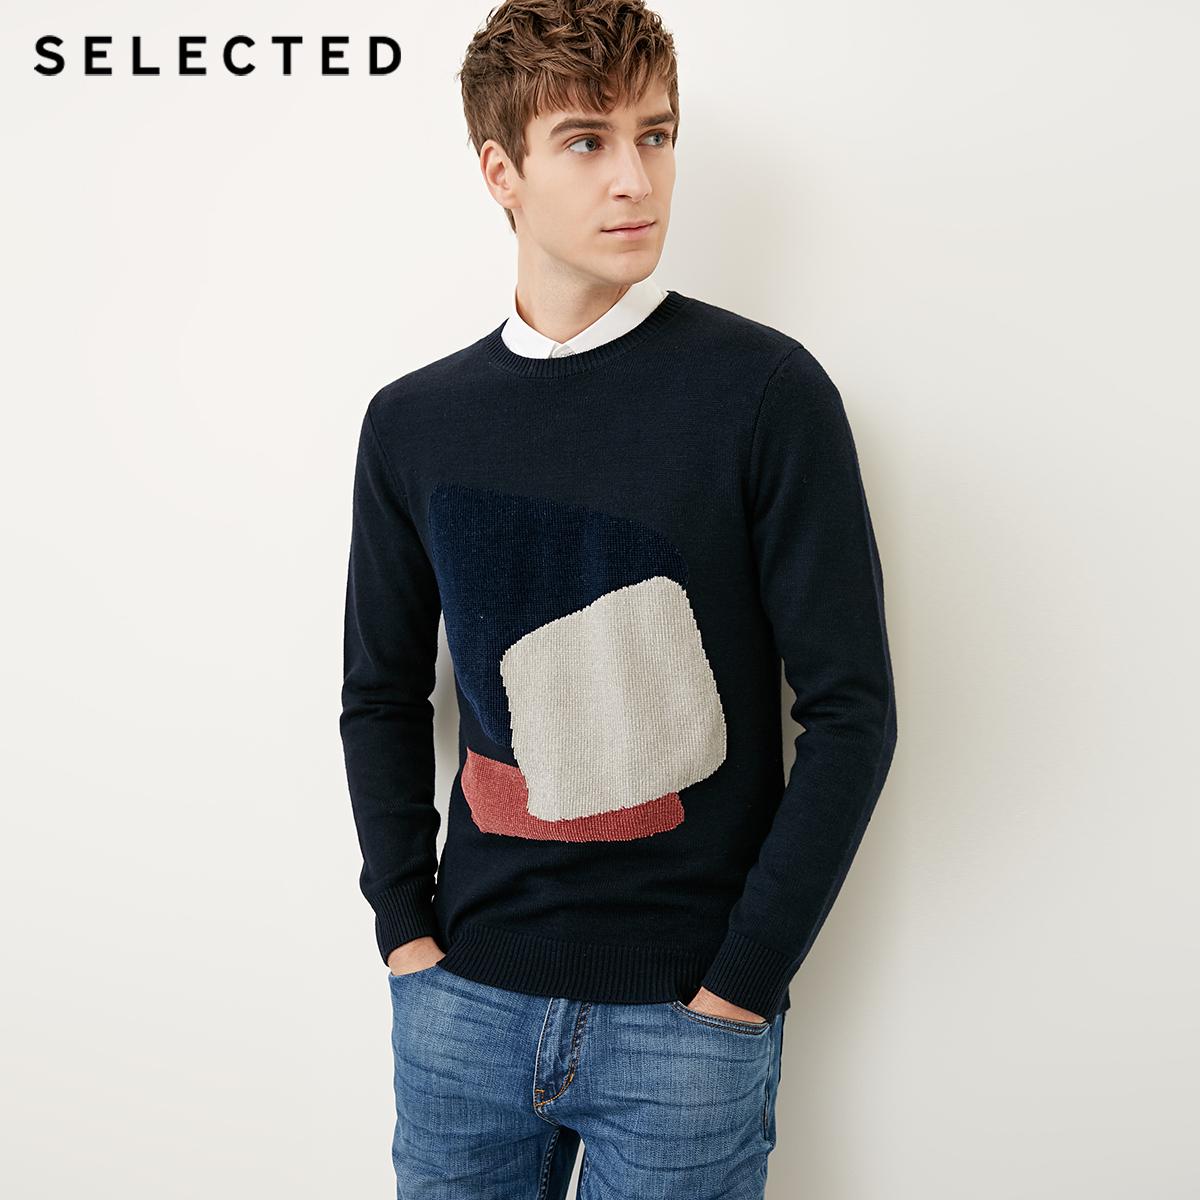 Собирать SELECTED мысль сорняки мораль новый бараны волосы заклинание ткать круглый вырез мужчина свитер свитер S|418124545